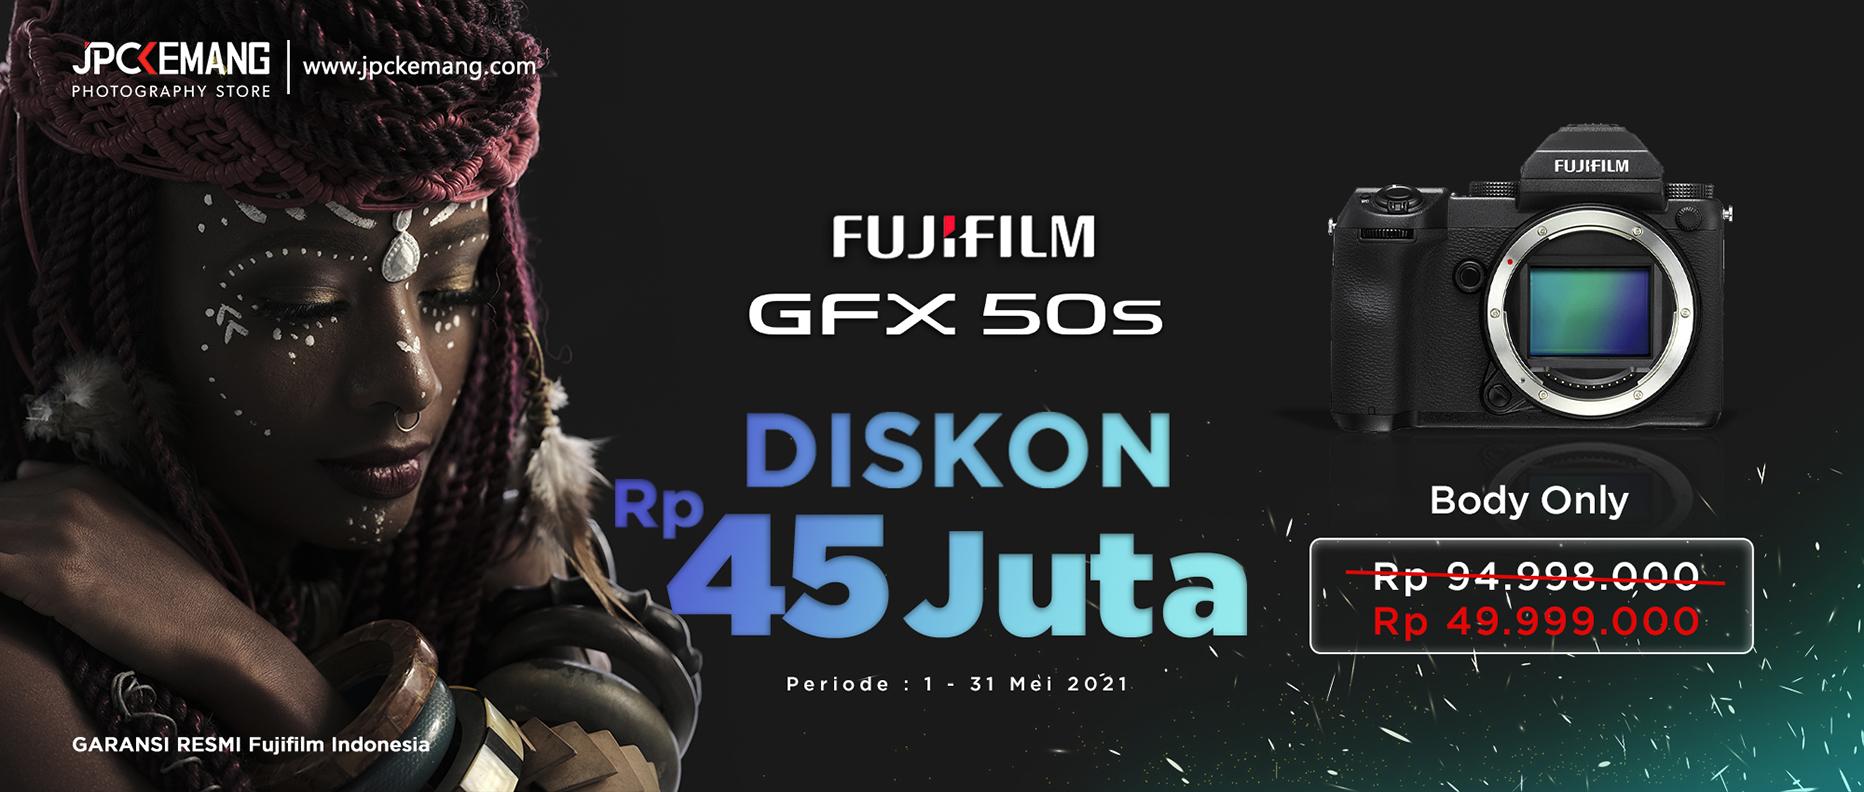 Fujifilm GFX50S Body